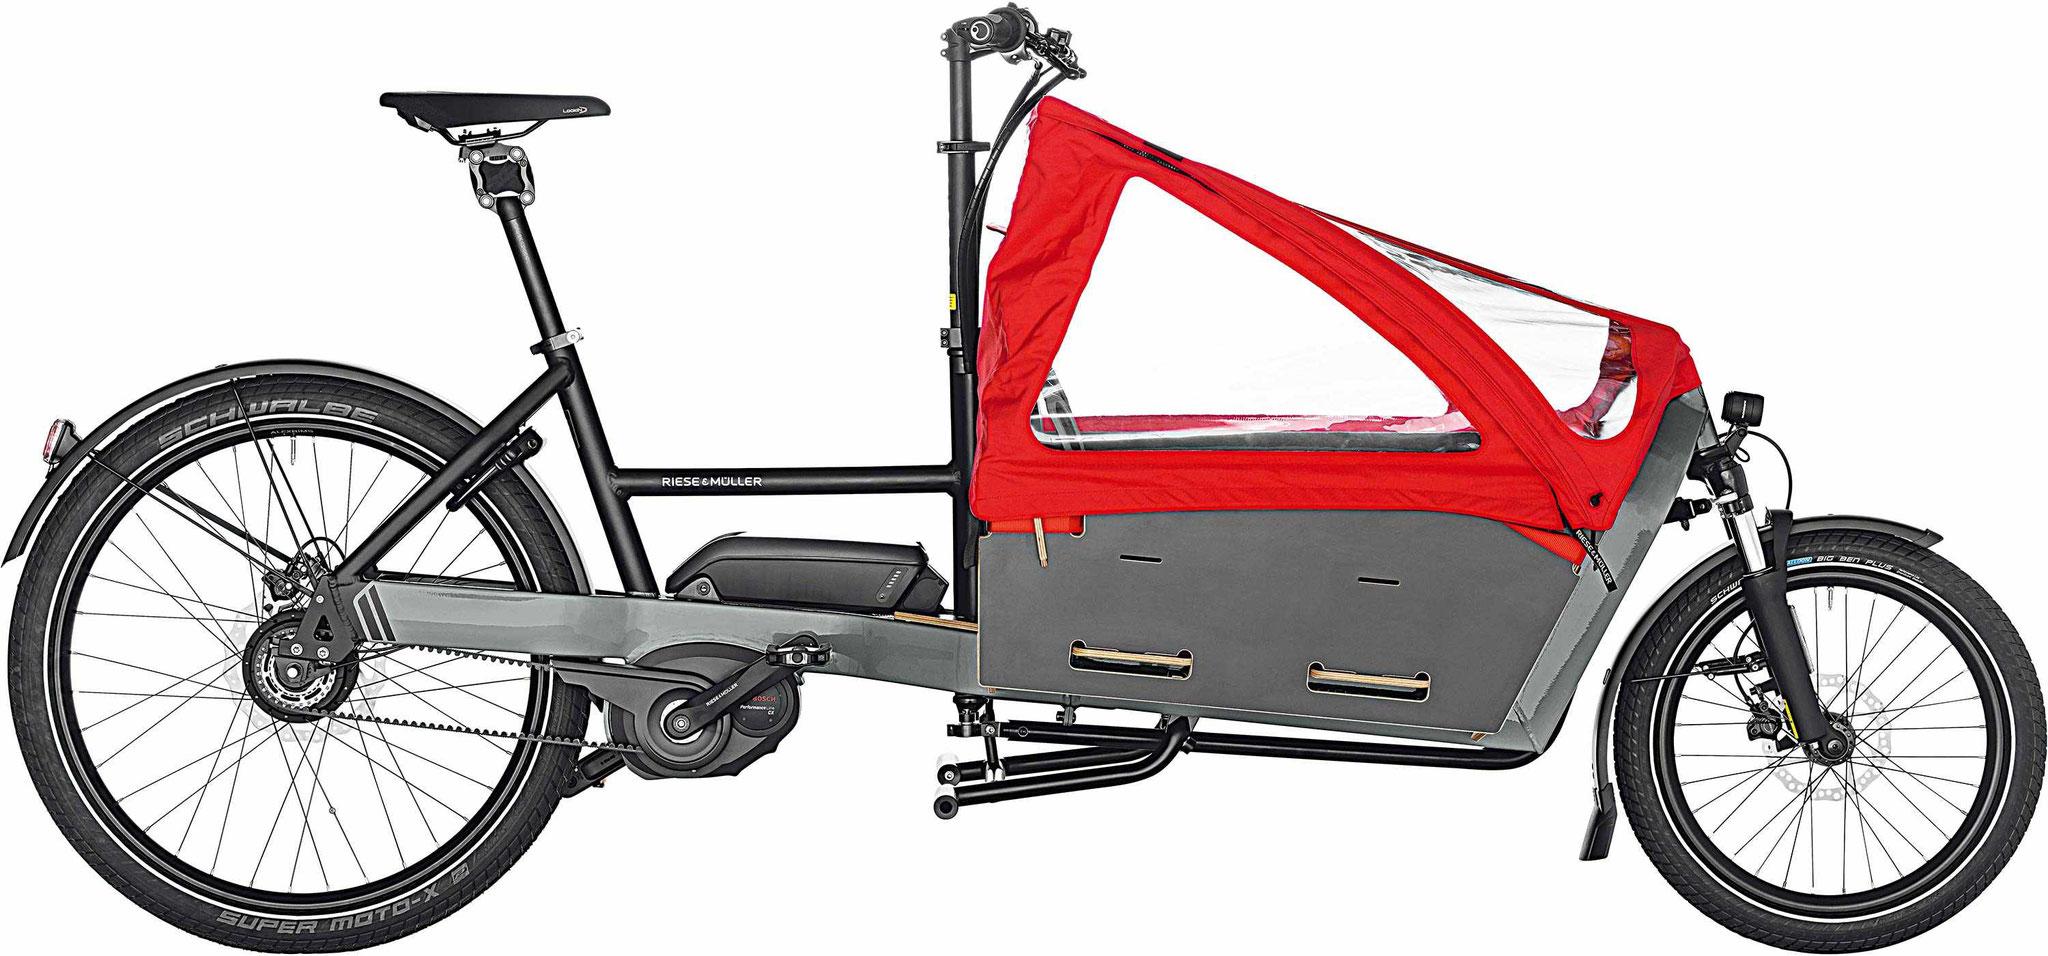 Riese & Müller Packster 60 vario / Packster 60 vario HS - urban grey metallic